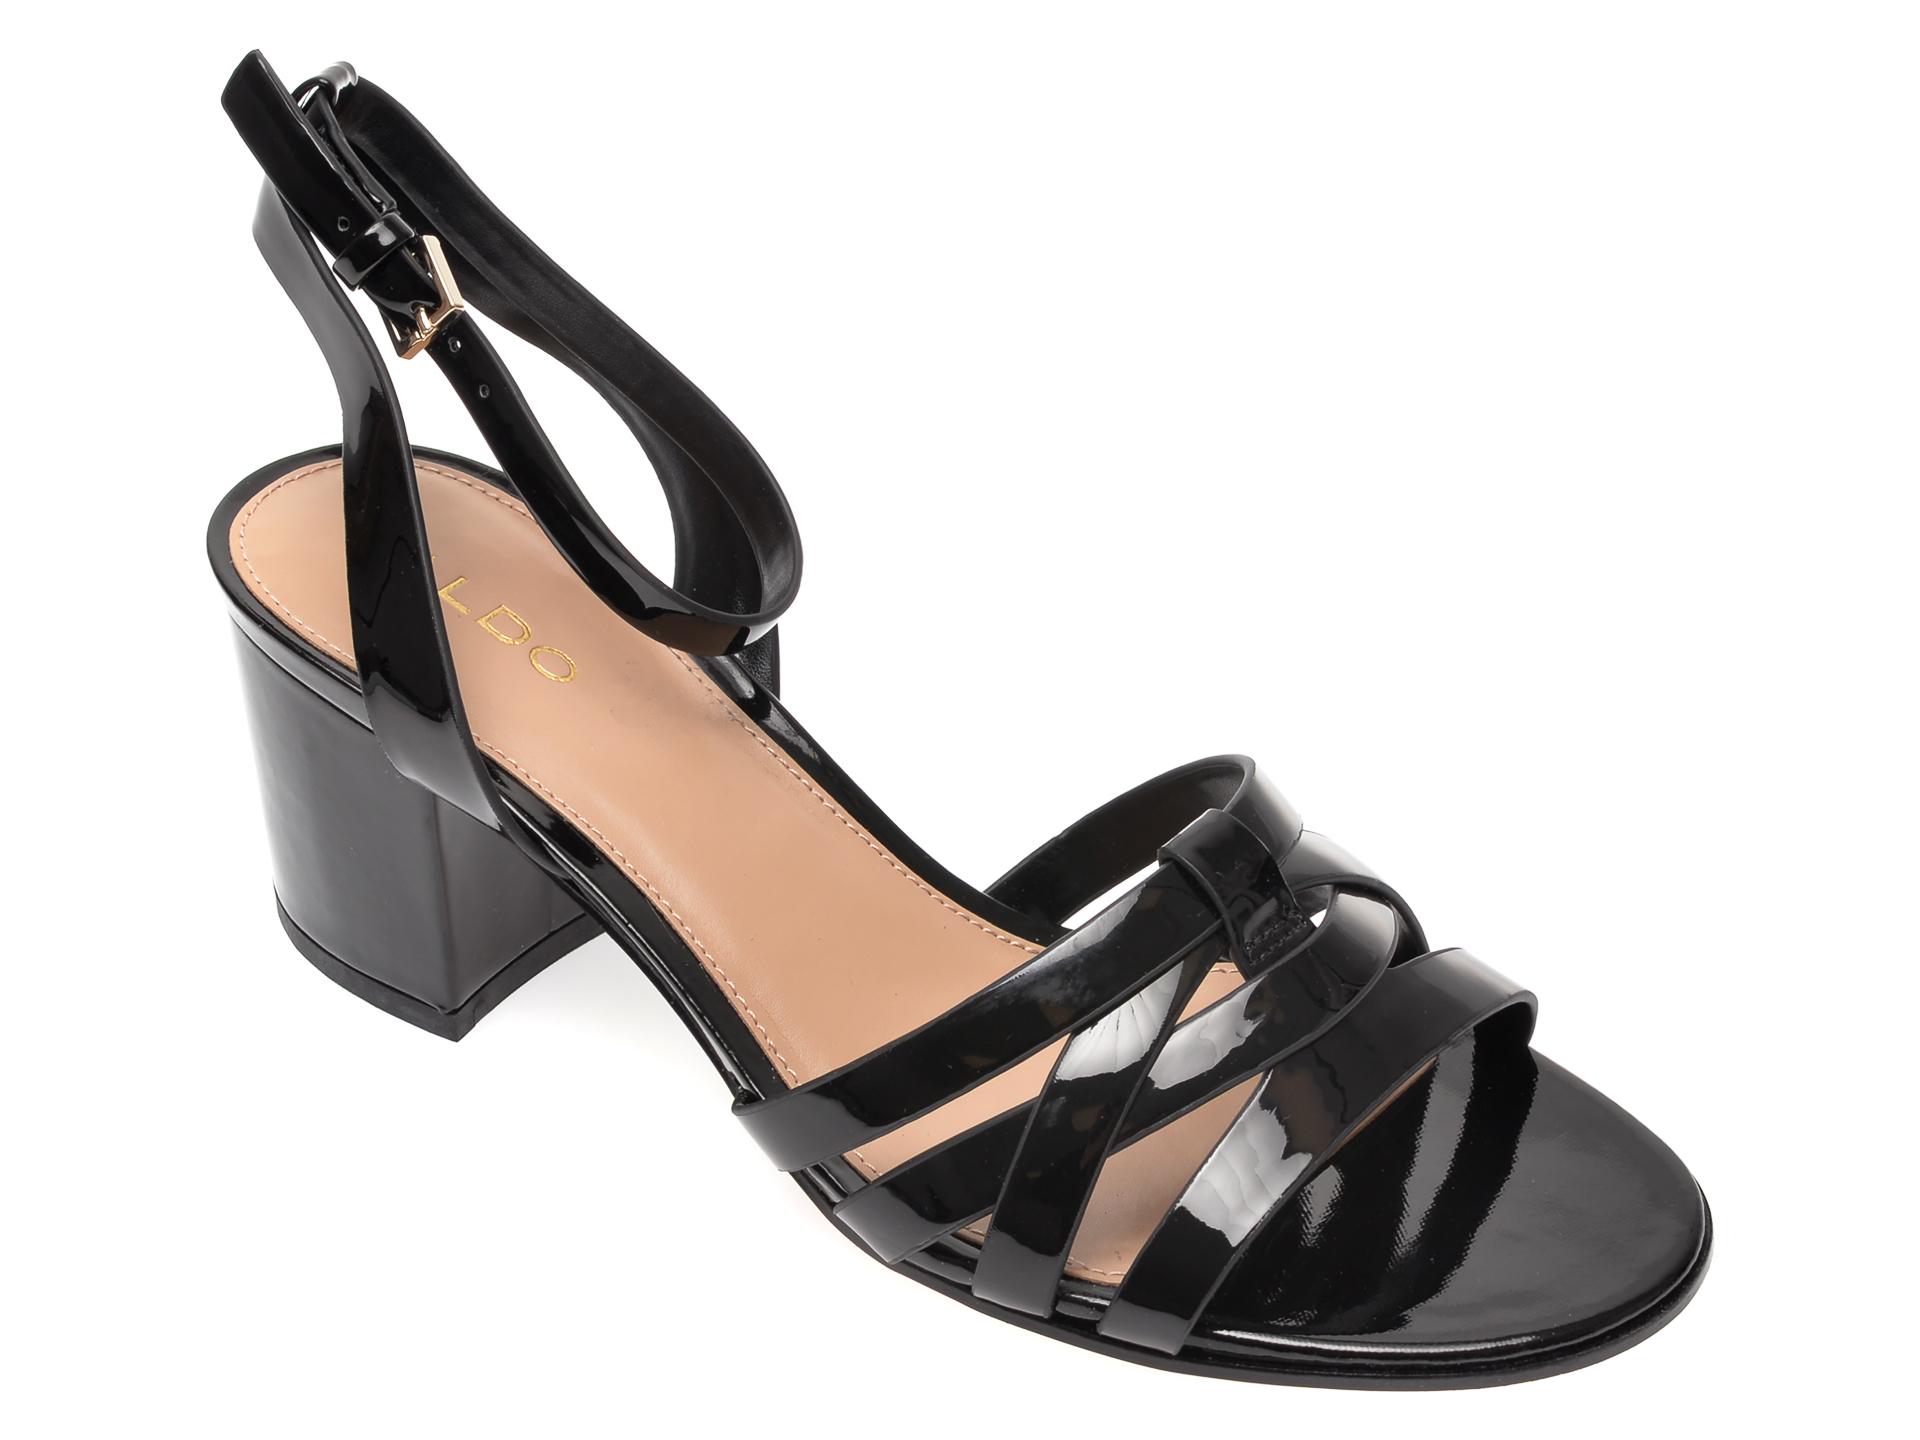 Sandale ALDO negre, Hillia001, din piele ecologica